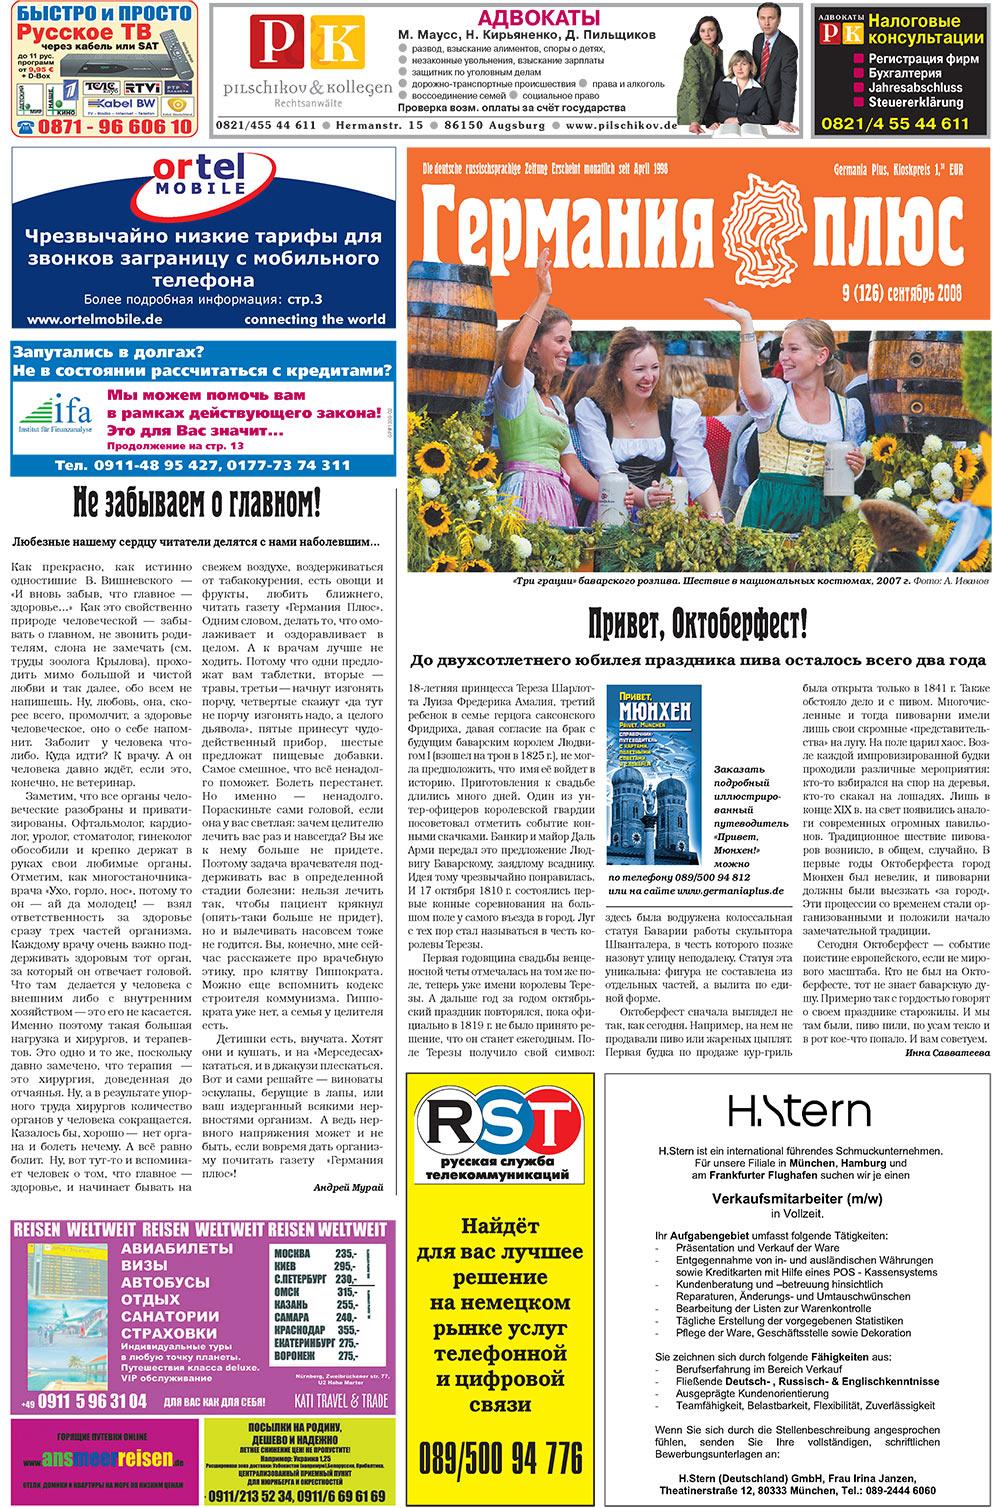 Германия плюс (газета). 2008 год, номер 9, стр. 1